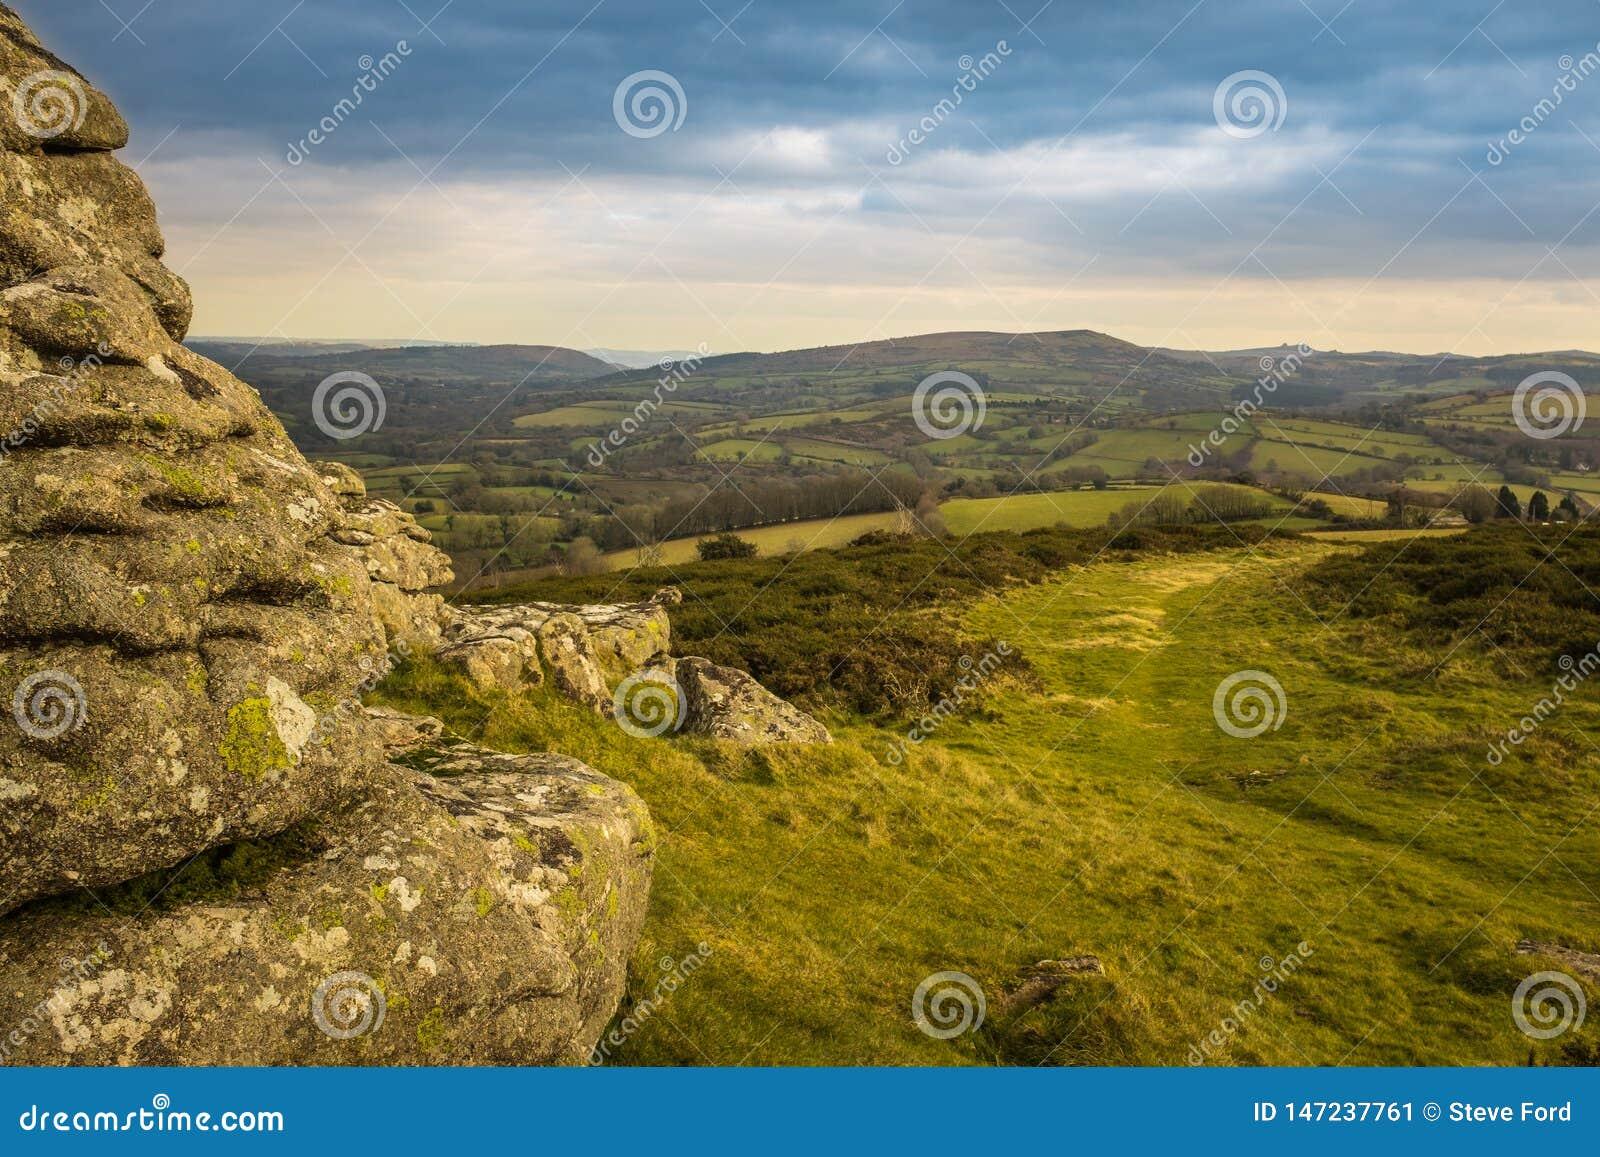 Una vista panor?mica del parque nacional de Dartmoor del Tor de Watern, el paisaje verde lleva en la distancia